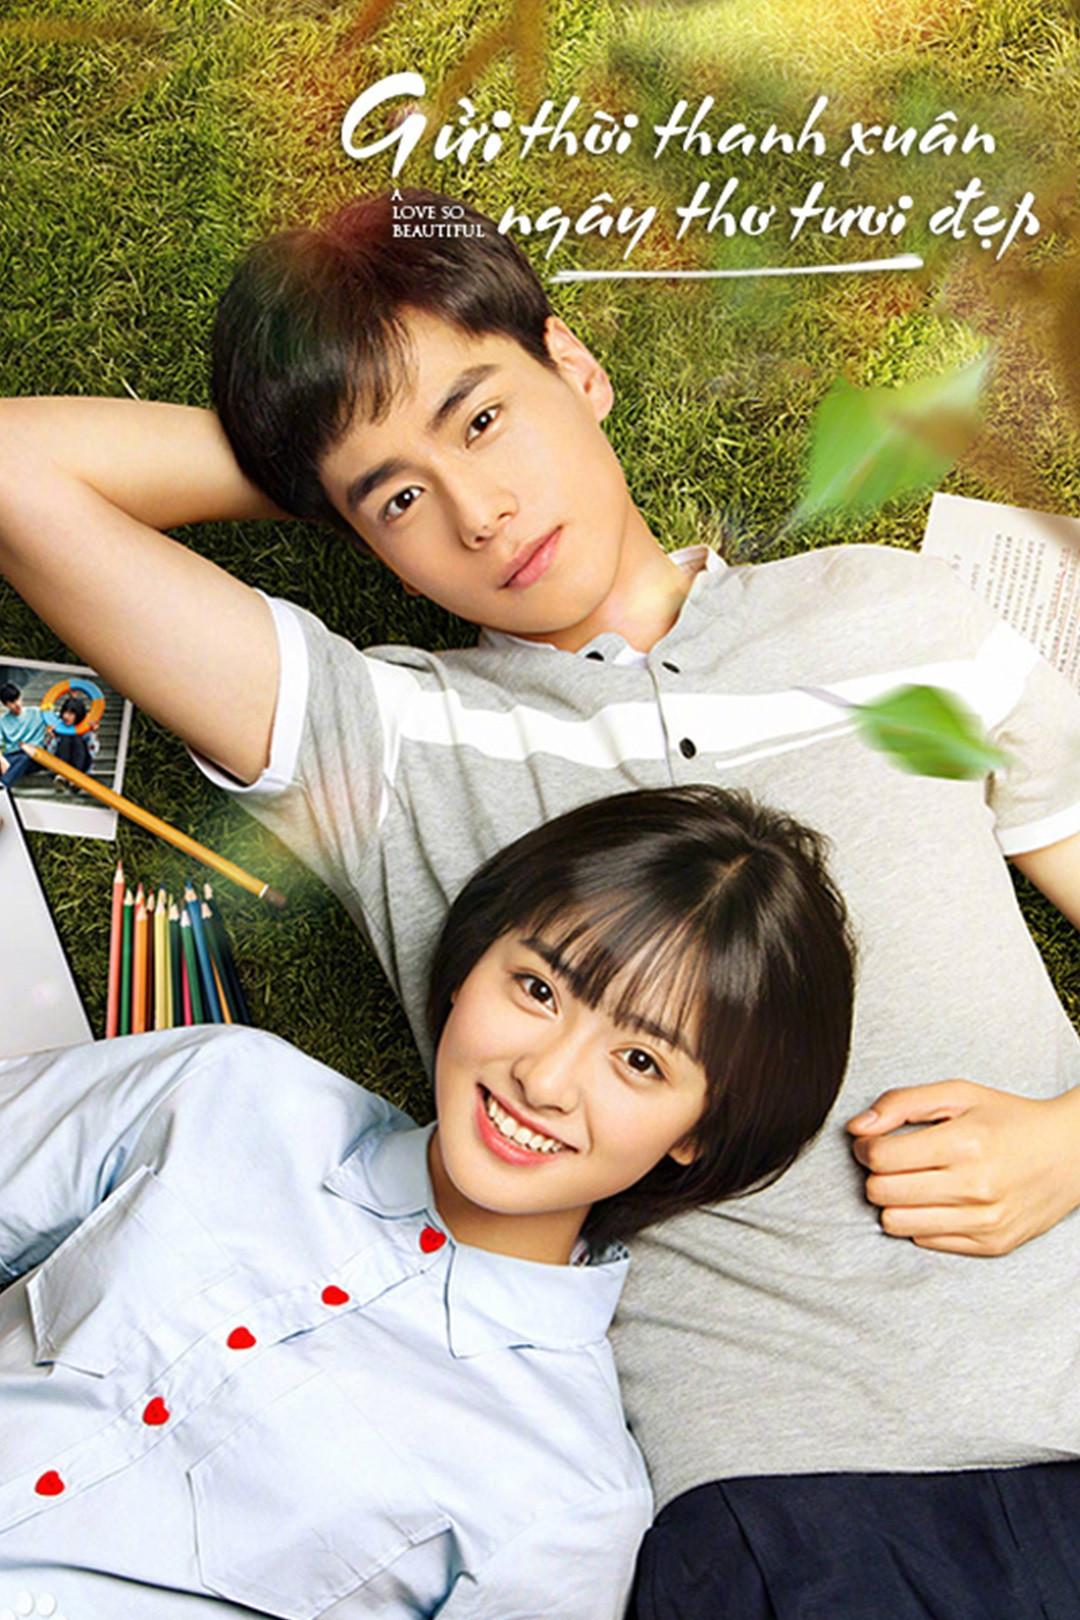 Phim học đường Trung Quốc hay - A Love So Beautiful - Gửi Thời Thanh Xuân Ngây Thơ Tươi Đẹp (2017)